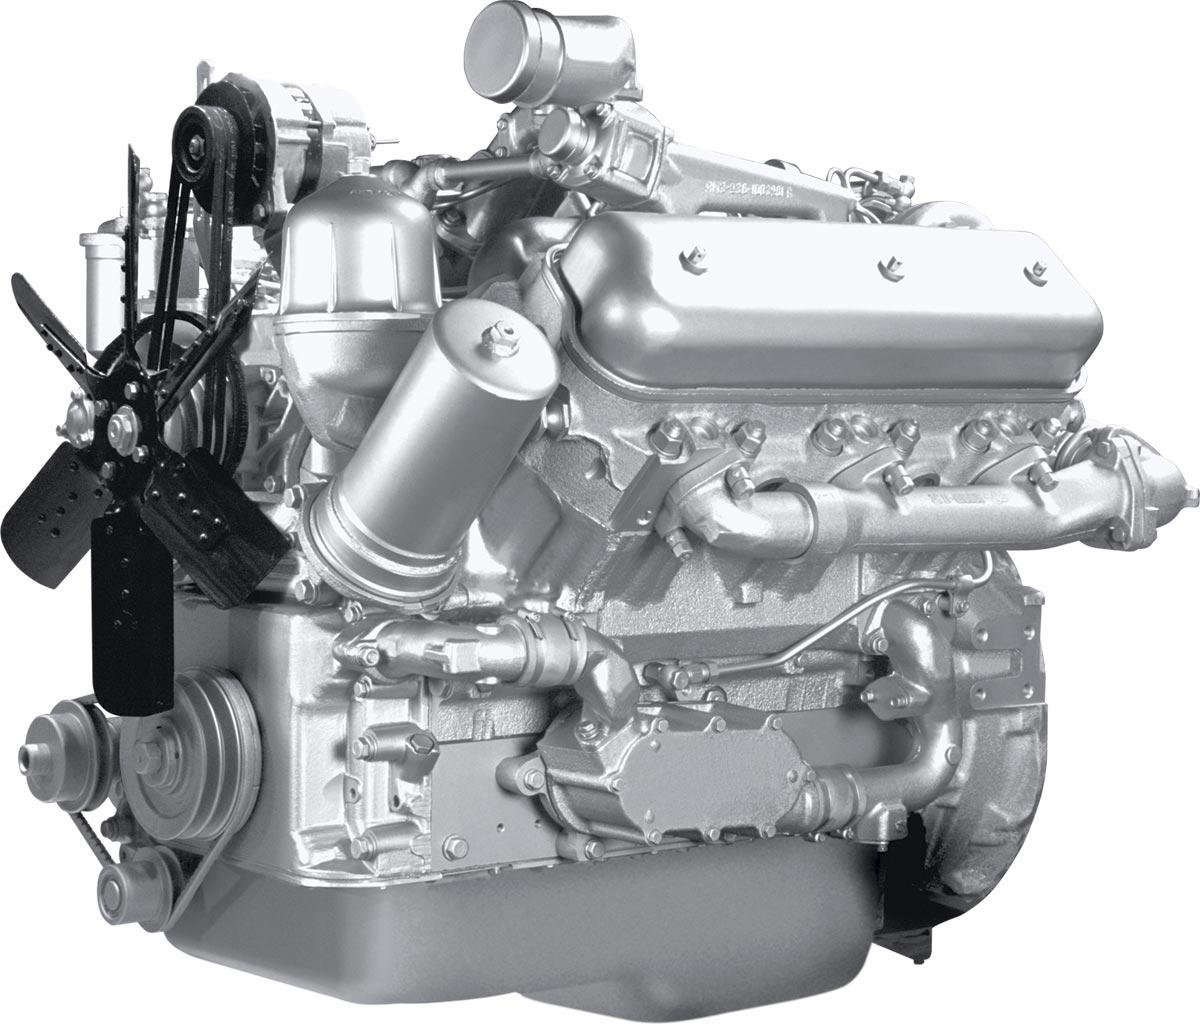 Двигатель ЯМЗ-236НК V6 с турбонаддувом